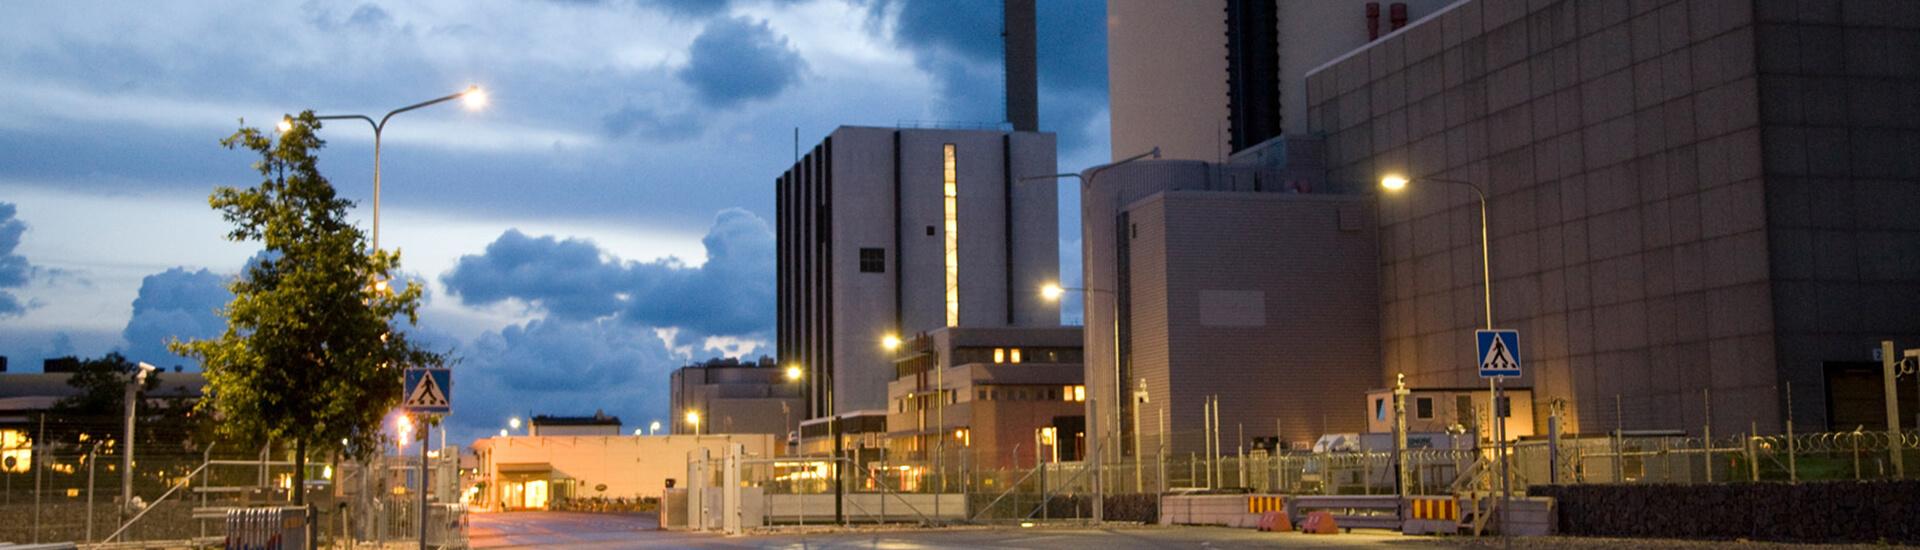 c3_ringhals_karnkraftverk[1]